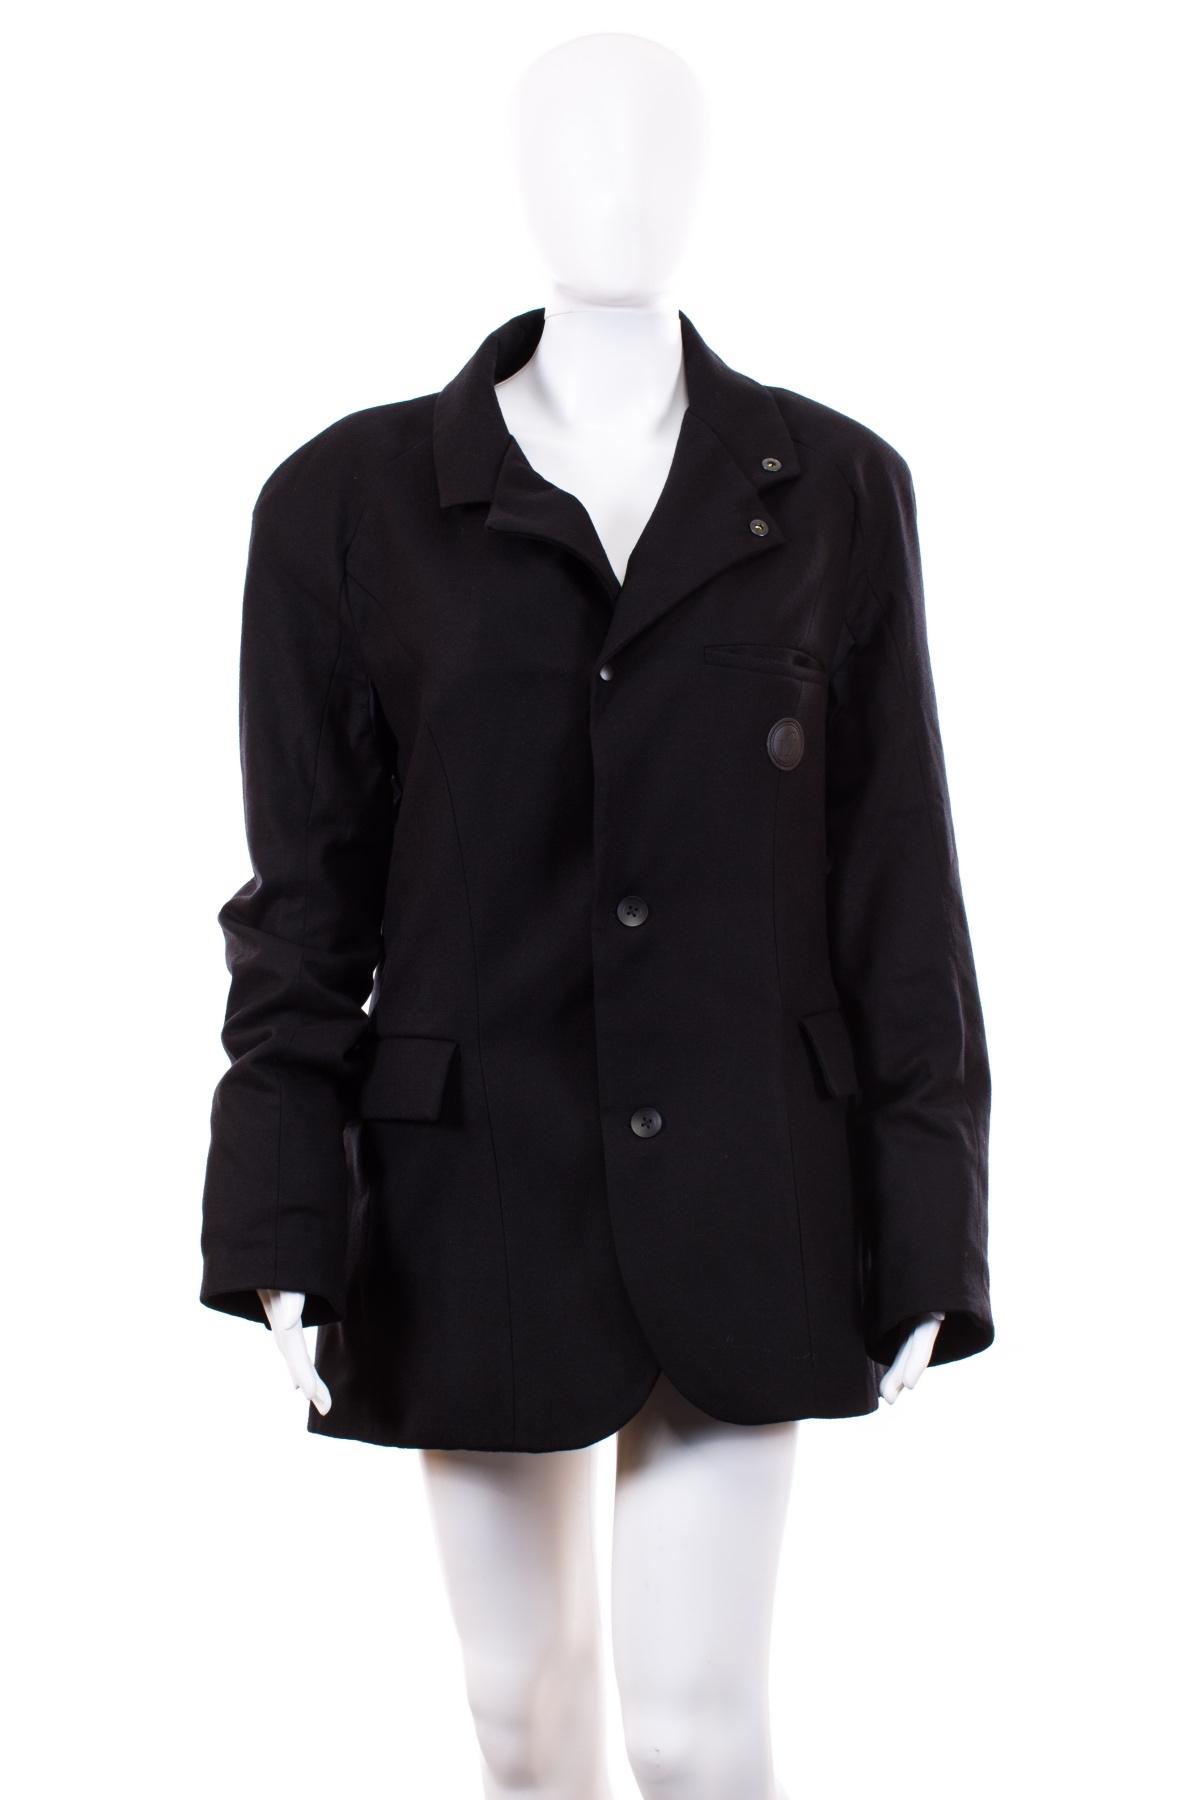 STADTWANDLER Sakko / Business Jacket